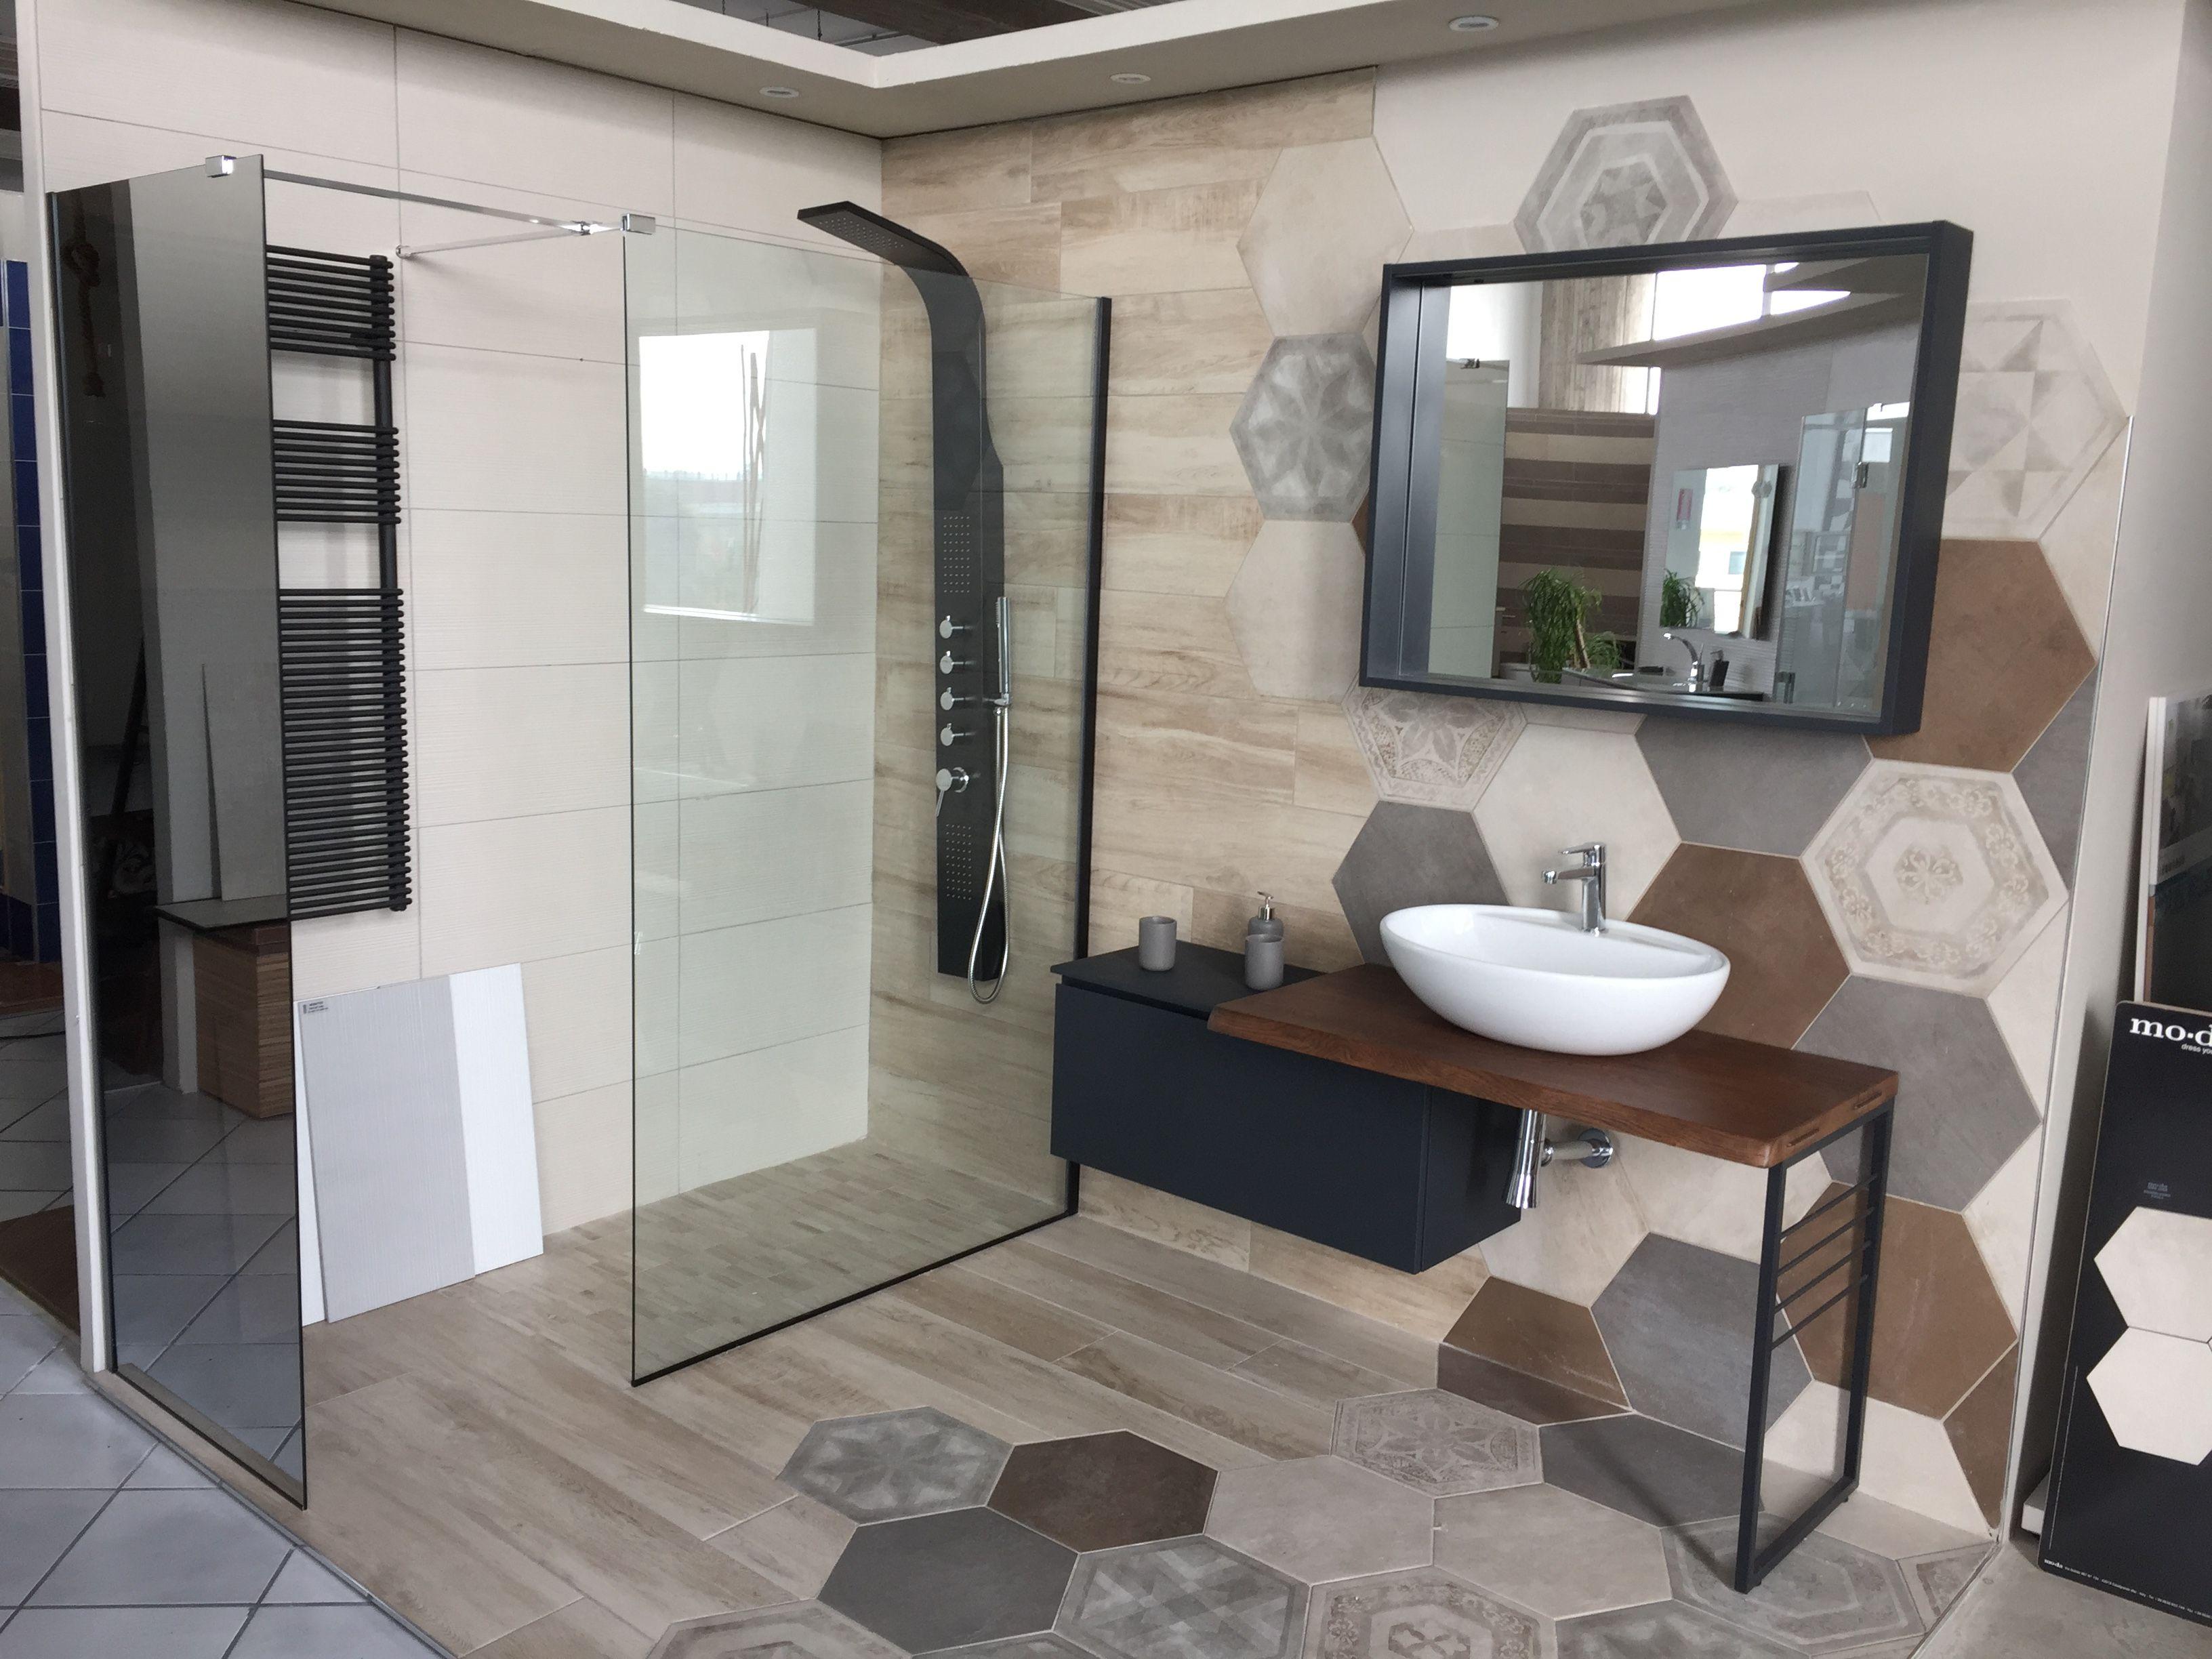 Bagno industriale gr s effetto legno ed esagona mobile for Mobile bagno legno